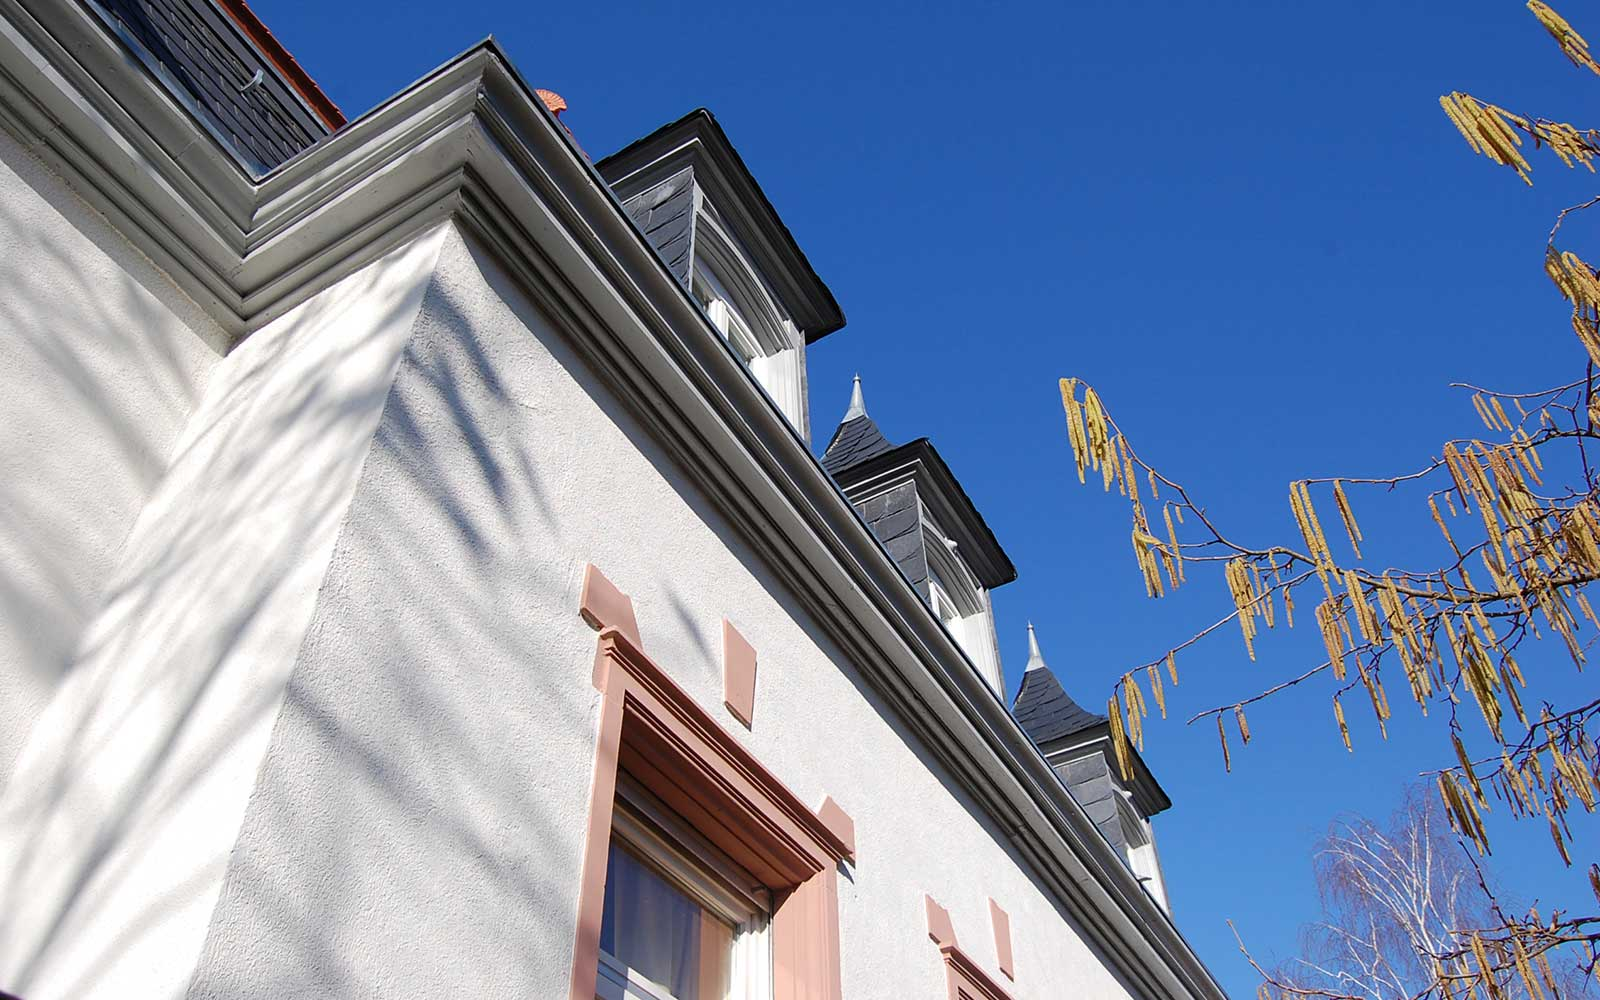 Altbausanierung kochhan weckbach architekten heidelberg - Architekturburo heidelberg ...